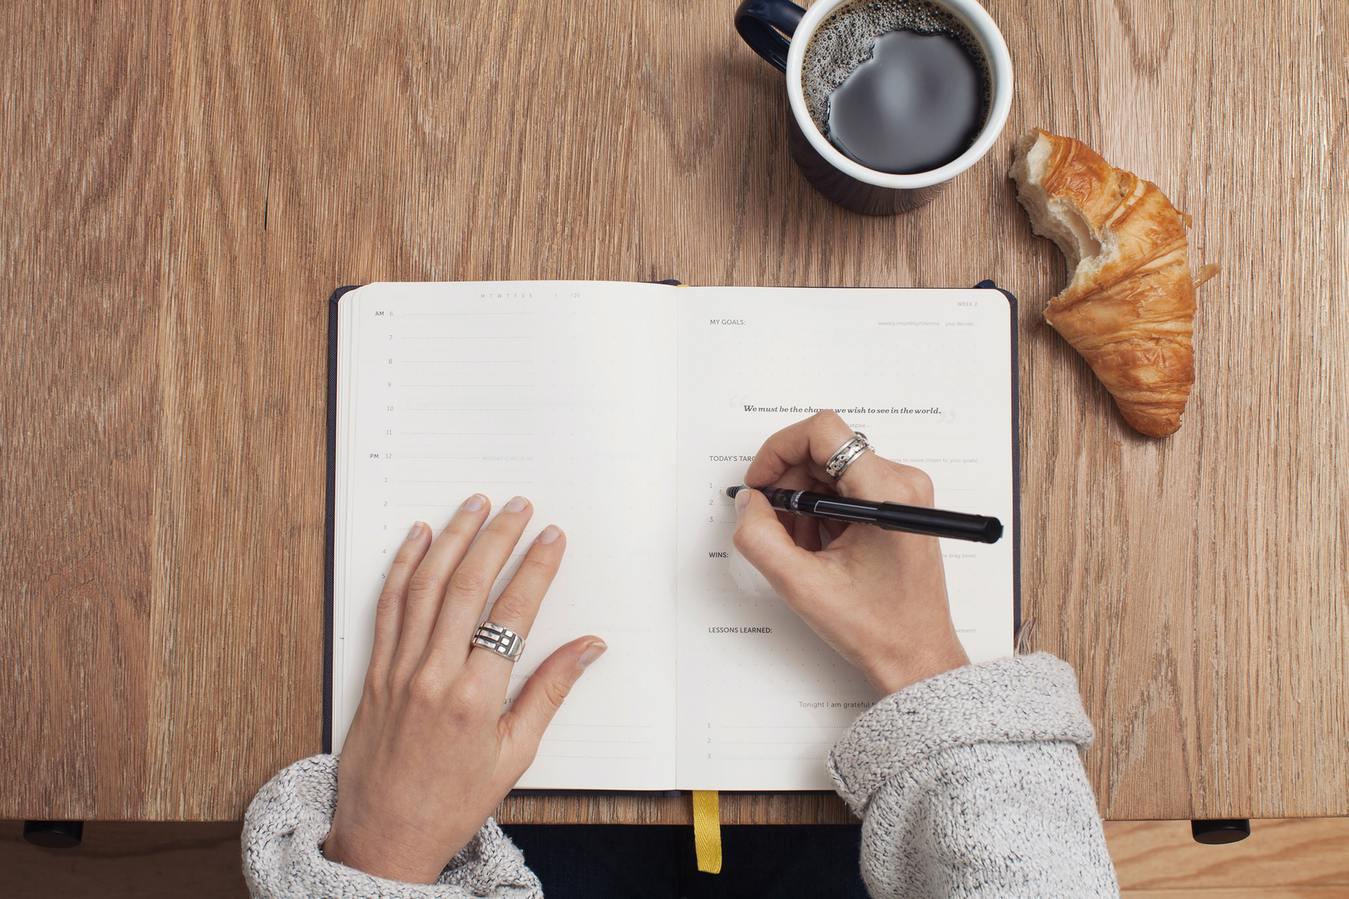 người viết sổ với bánh mì và cà phê trên bàn